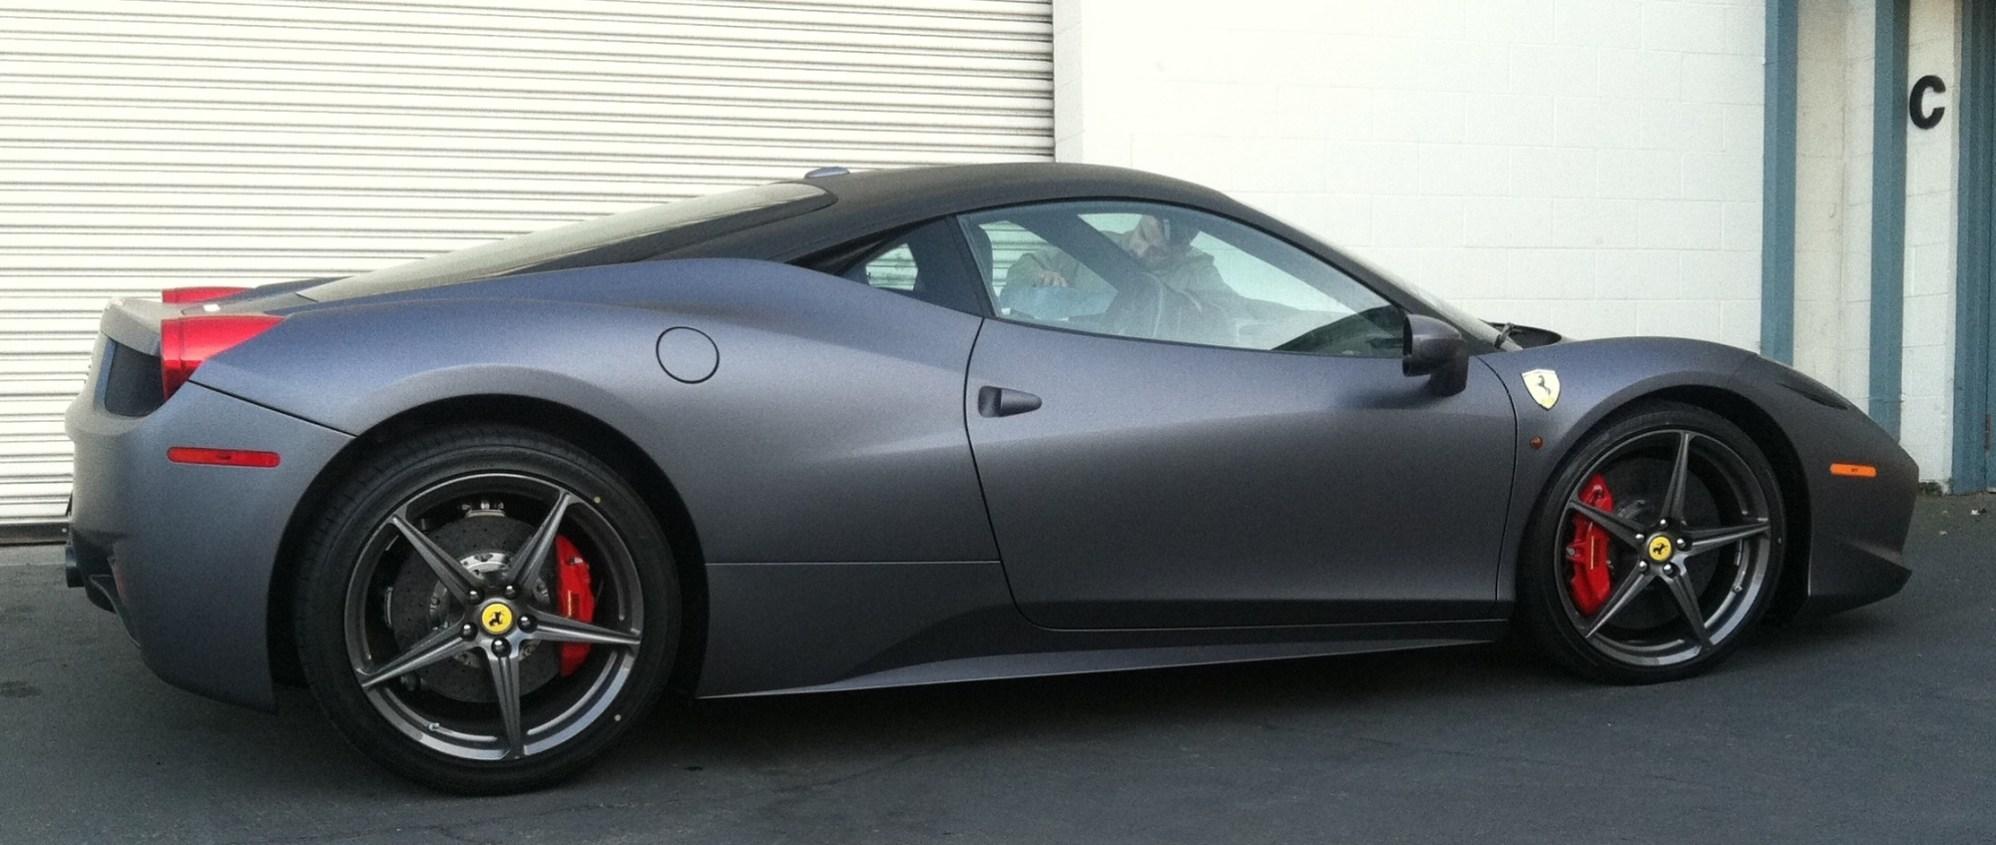 Ferrari Matte Grey Wrap-27